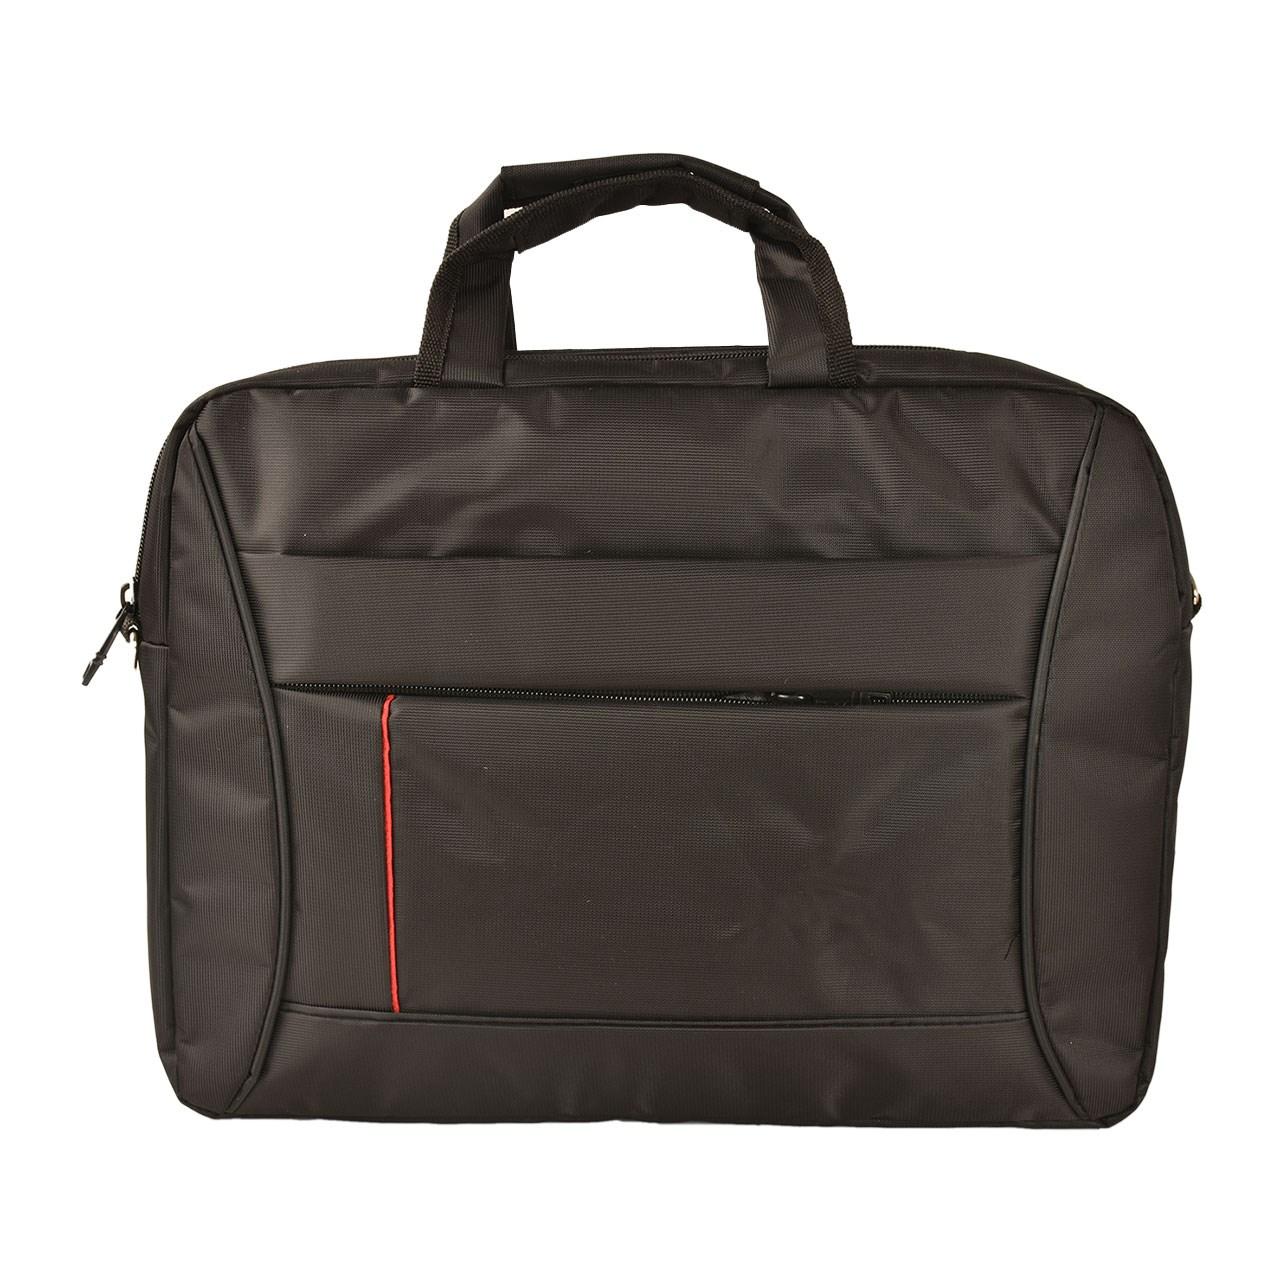 کیف لپ تاپ  مدل P214 مناسب برای لپ تاپ 15 اینچ